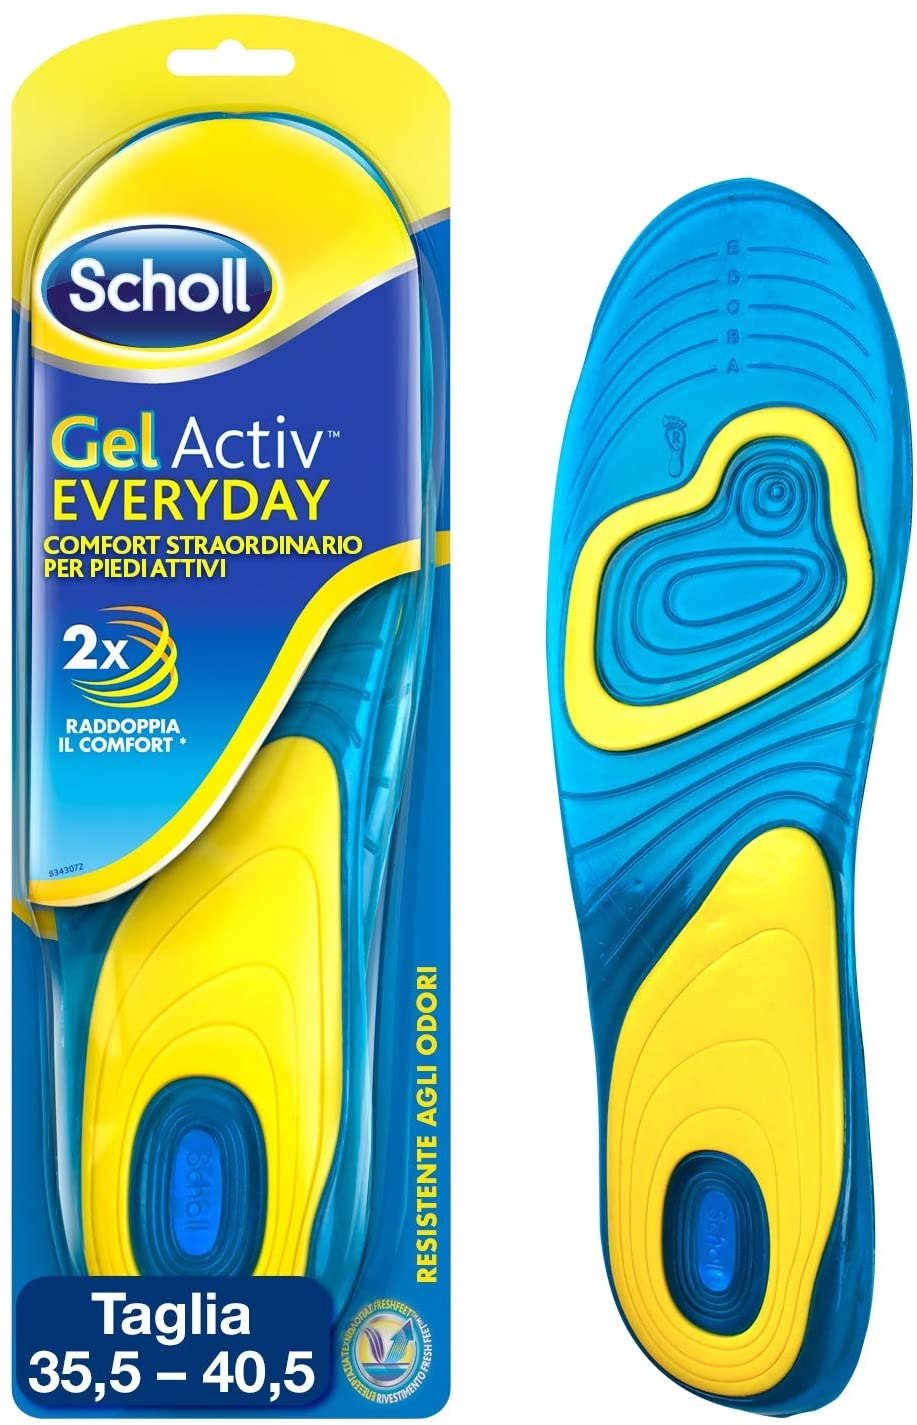 Solette Dr Scholl Amazon